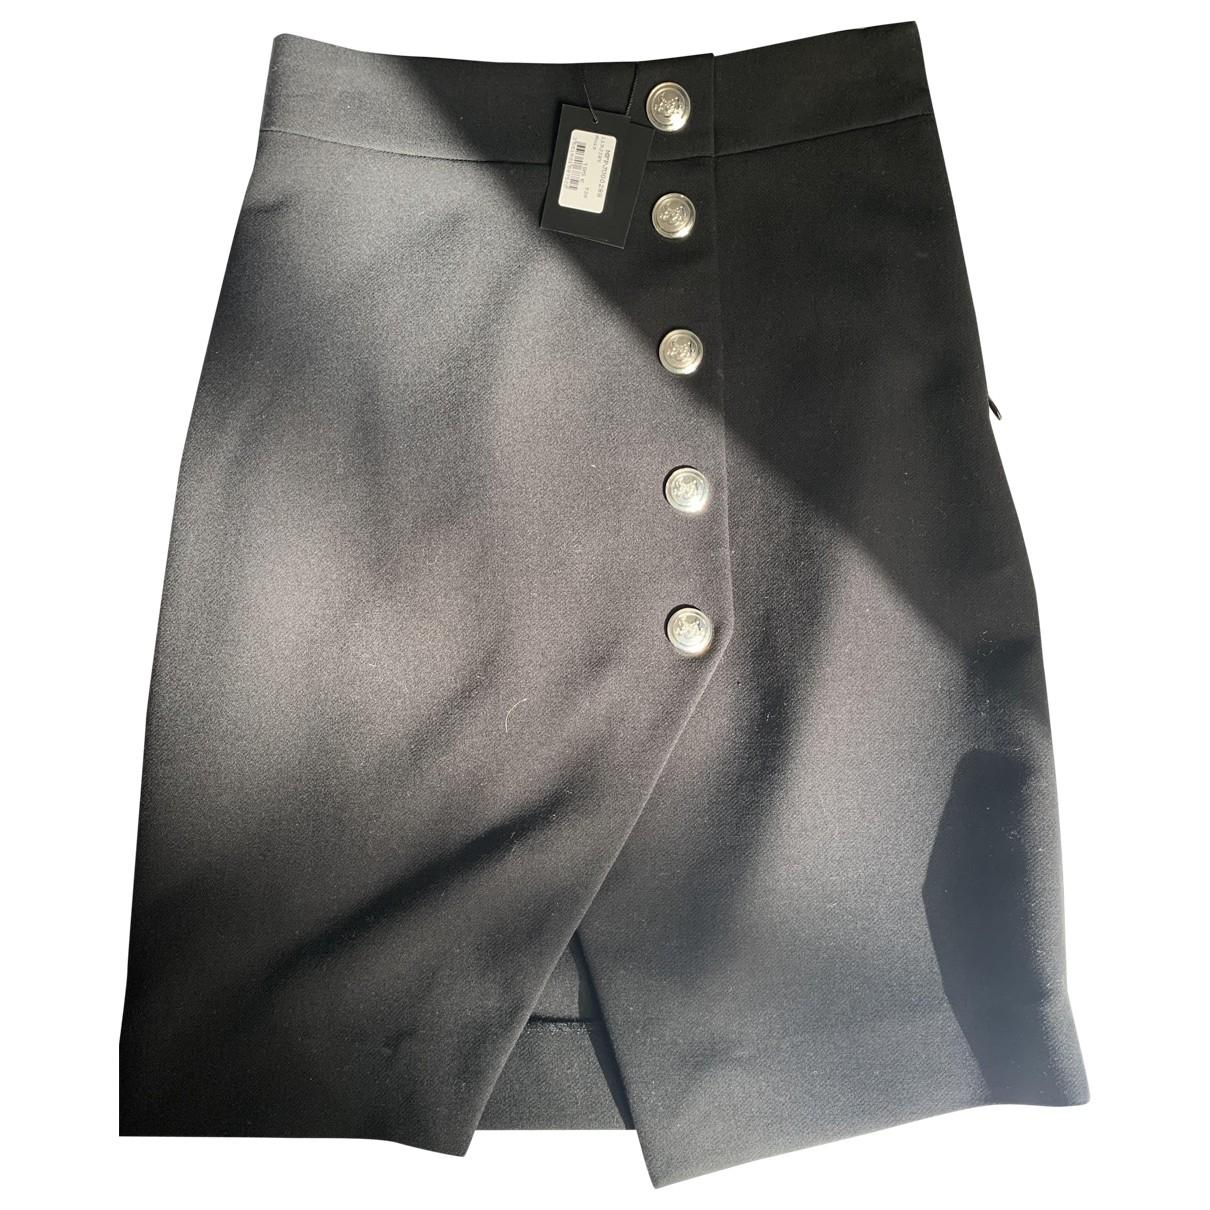 Maje Fall Winter 2019 Black skirt for Women 36 FR